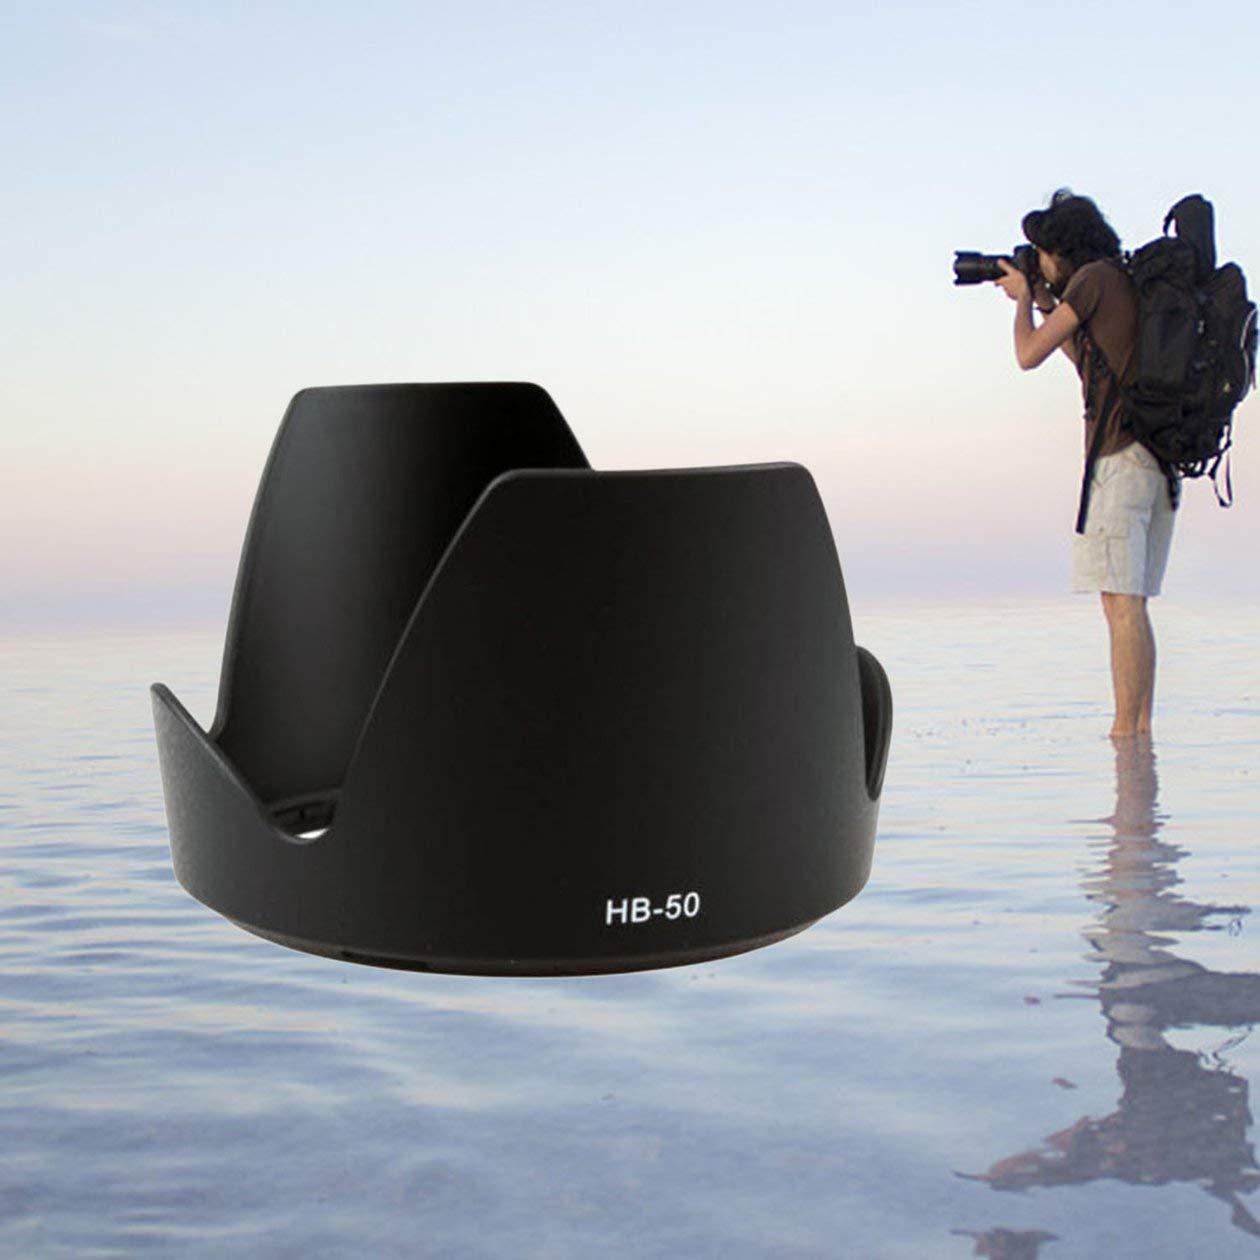 Noir Pare-Soleil Professionnel remplace Le Pare-Soleil en p/étale Hb-50 pour Nikon AF-S Nikkor 28-300Mm F 3.5-5.6G Ed VR Hb50 28-300 AFS